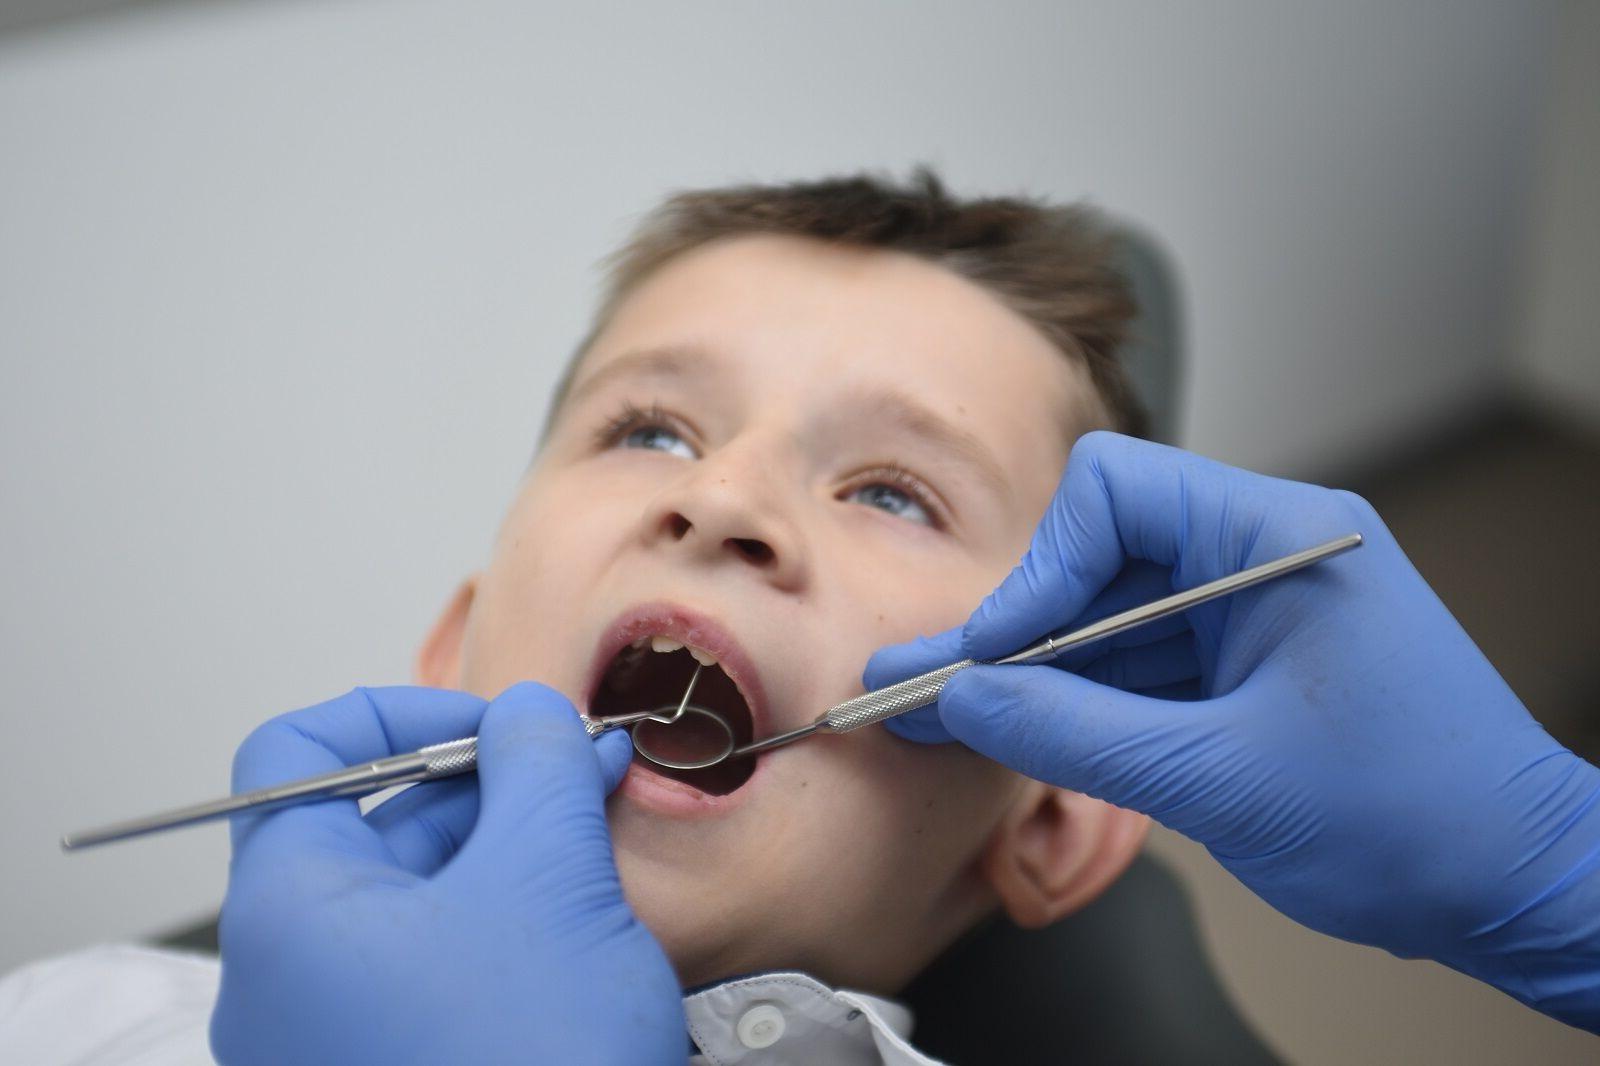 Лазерная пластика уздечки губ и языка в Киеве (Лукьяновка)   Epion Dental Center